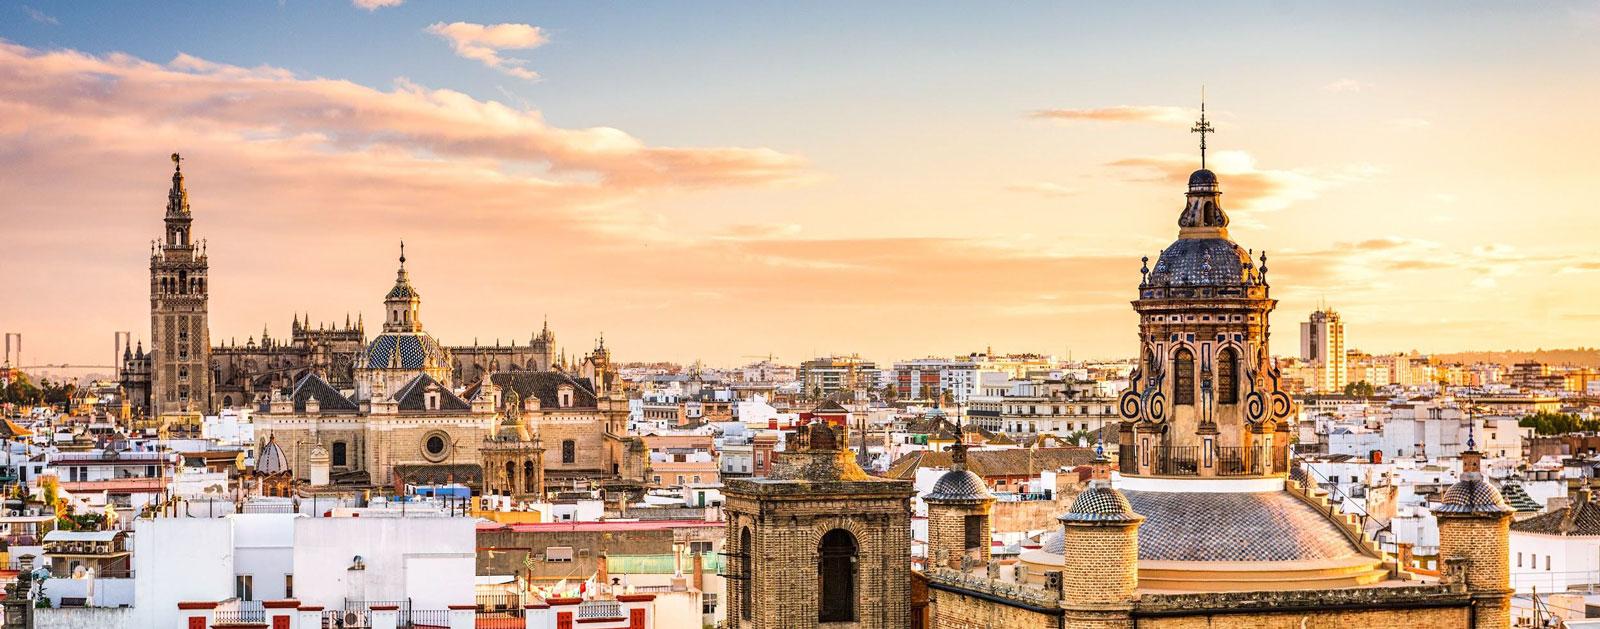 Spain & Morocco: Literature